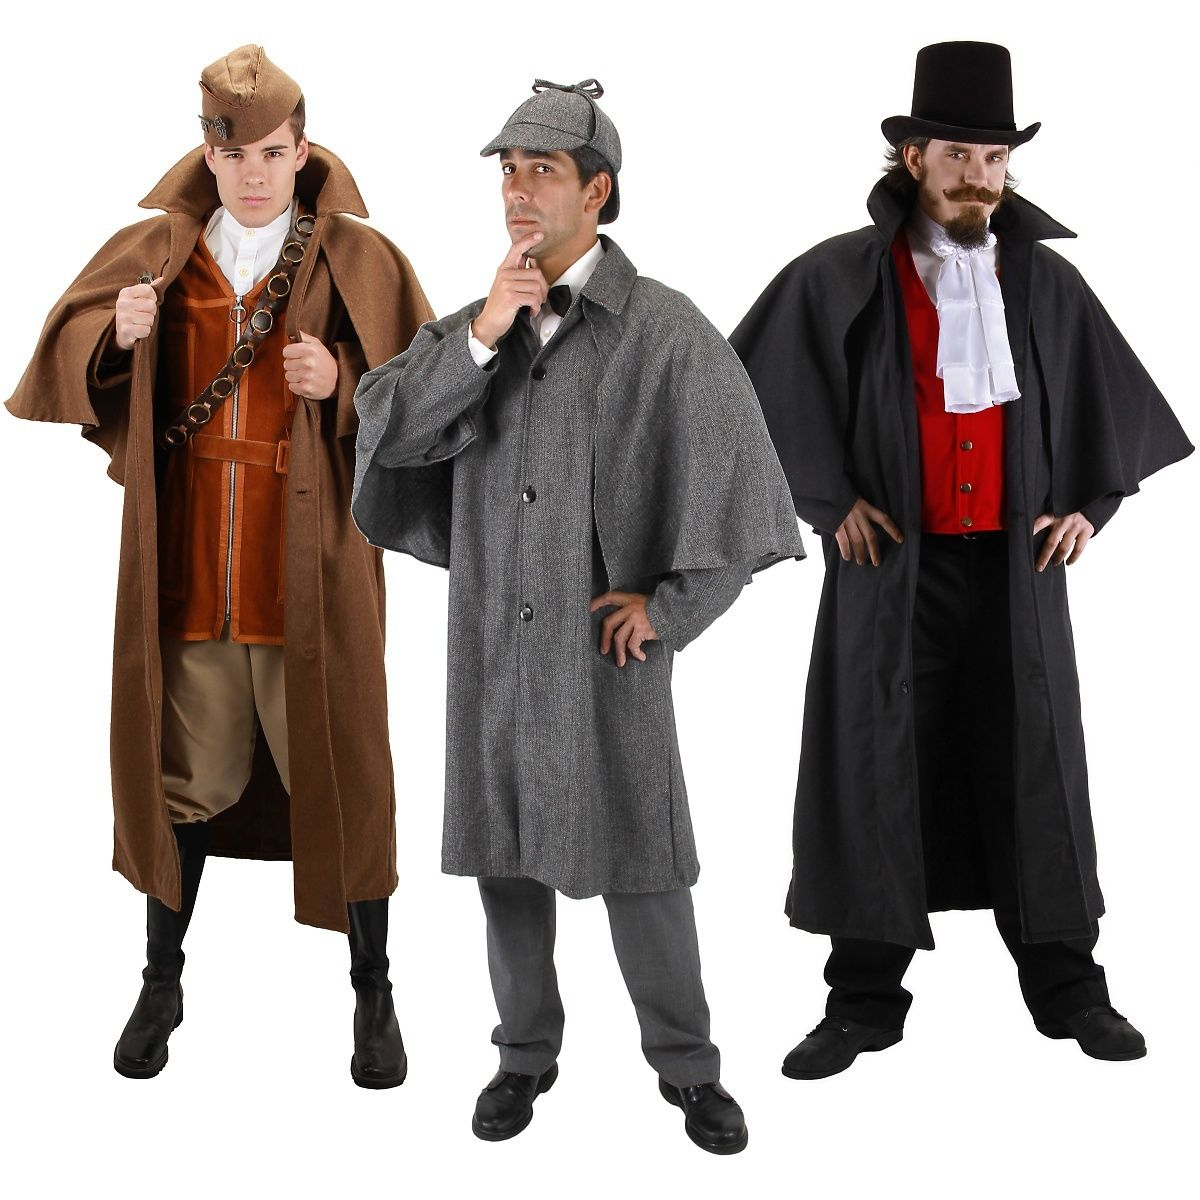 インバネス コート シャーロックホームズ スチームパンク 19世紀 ヨーロッパ ジャケット コスチューム コスプレ 衣装 仮装 大人